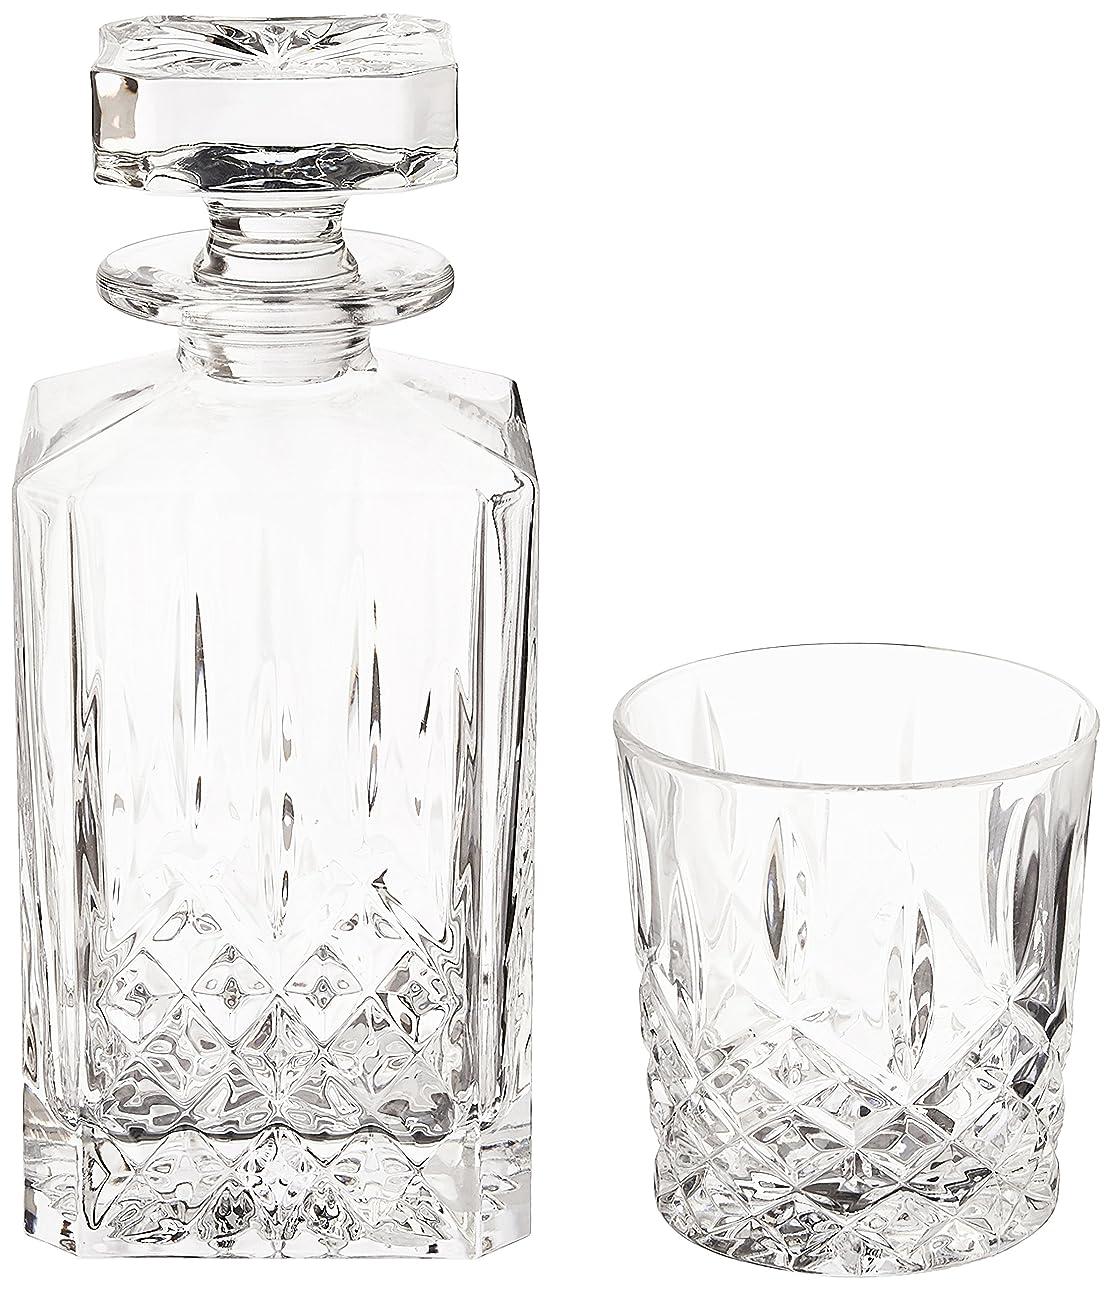 ずらす認知特派員(Decanter Set) - Marquis by Waterford Markham 330ml Double Old Fashioned Glasses Pair and Square Decanter Set, Unleaded Crystal